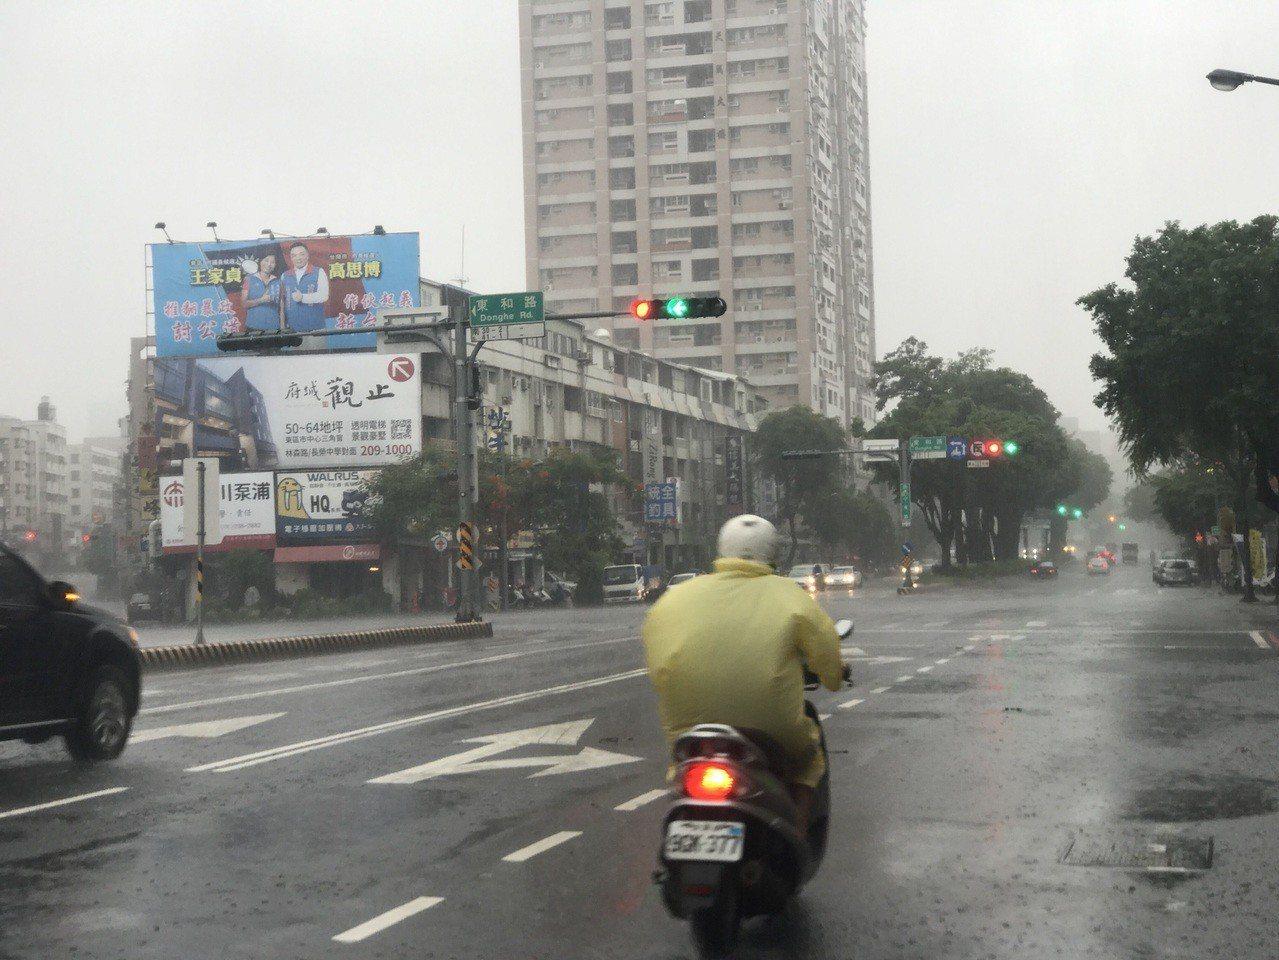 受到熱帶低壓影響,台南今晨開始強降雨。記者鄭維真/攝影